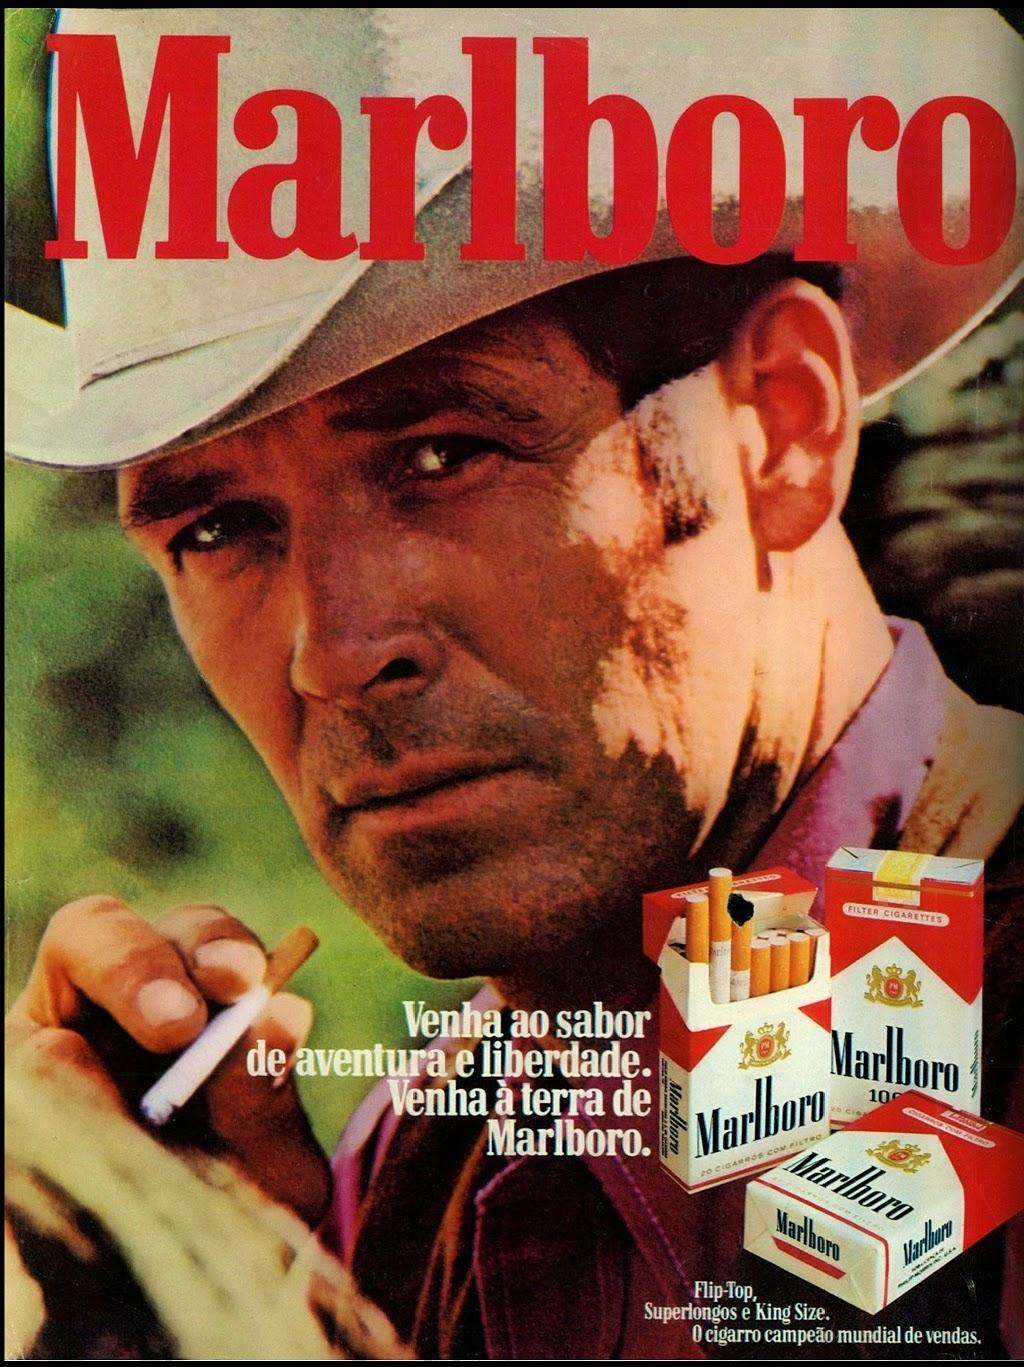 Malboro cigarettes in the 70s. anos 70.  reclame 1974; propaganda anos 70; história decada de 70; reclame anos 70; propaganda cigarros anos 70; Brazil in the 70s; Oswaldo Hernandez;